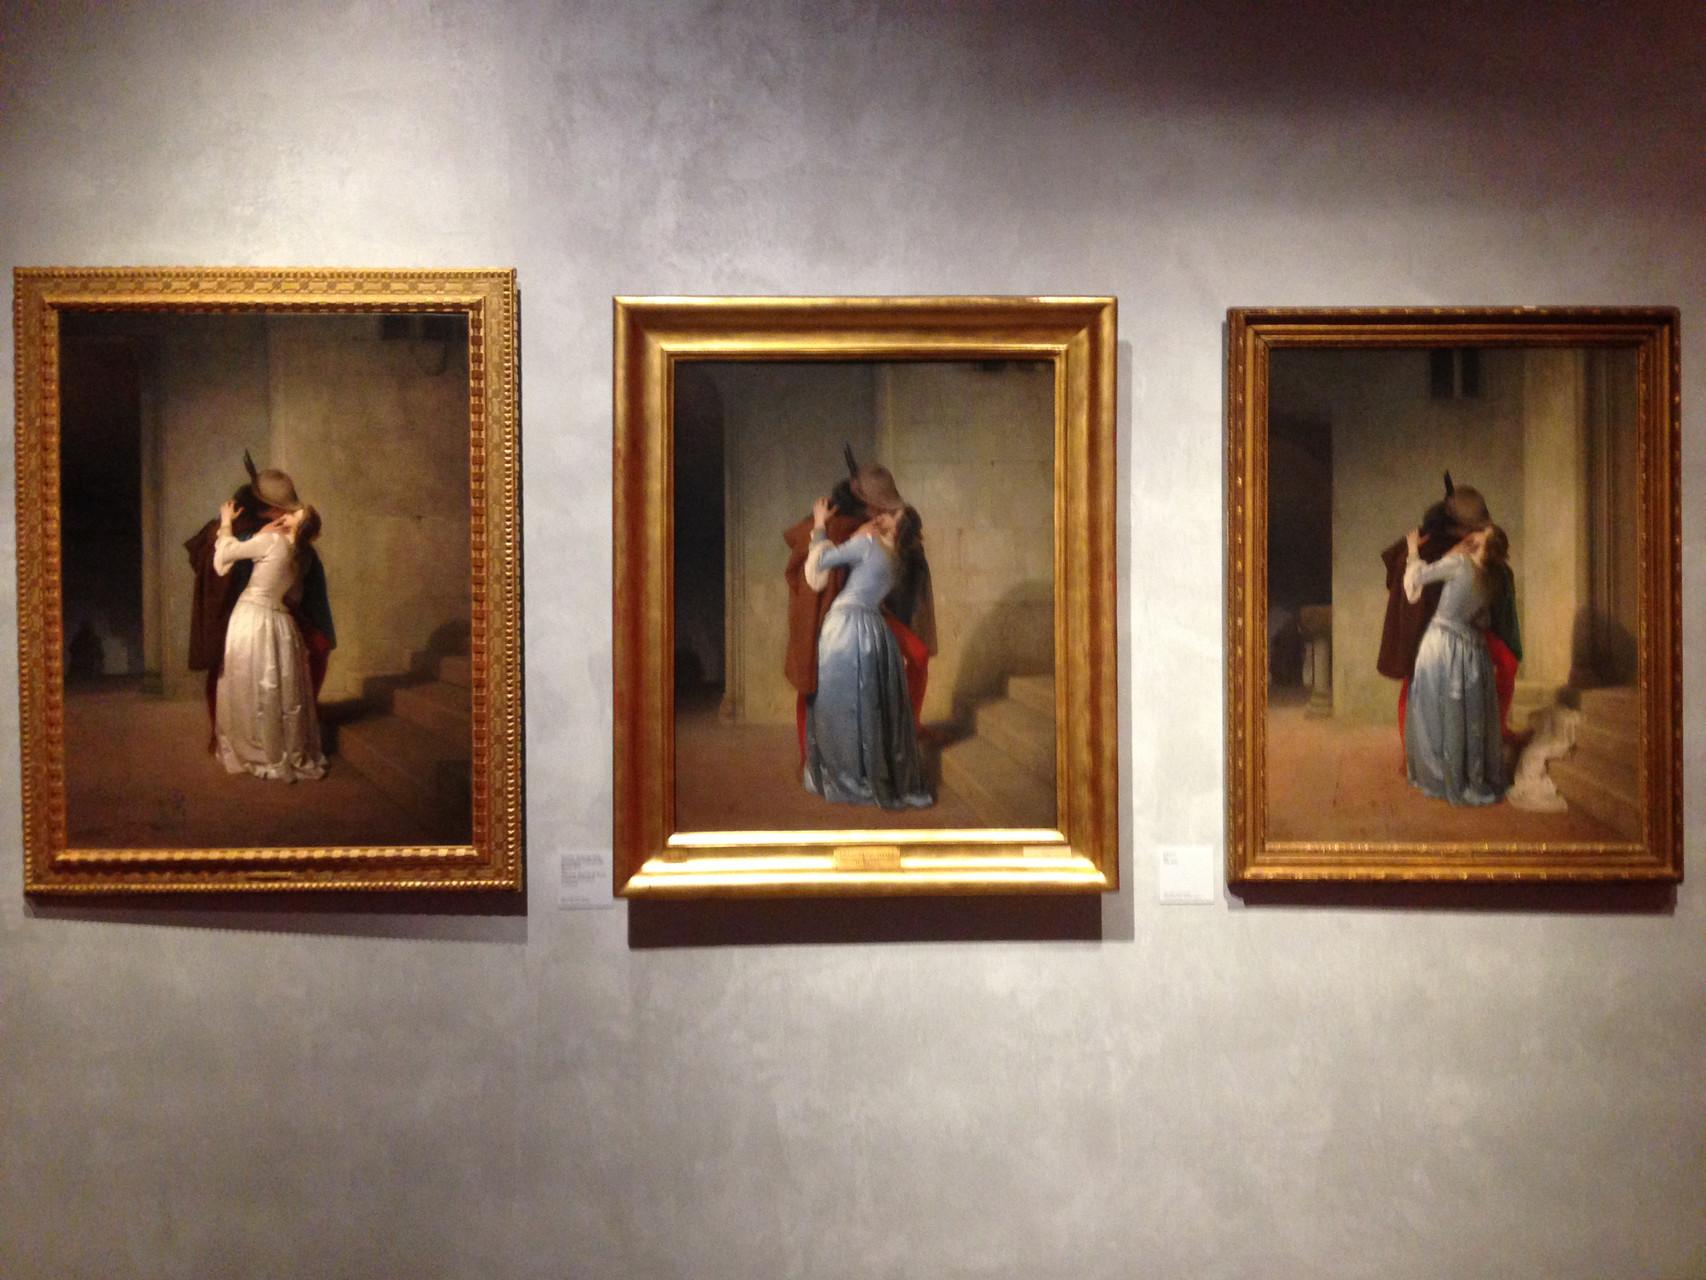 da sinistra verso destra il Bacio del 1861, del 1859 e quello del 1867.